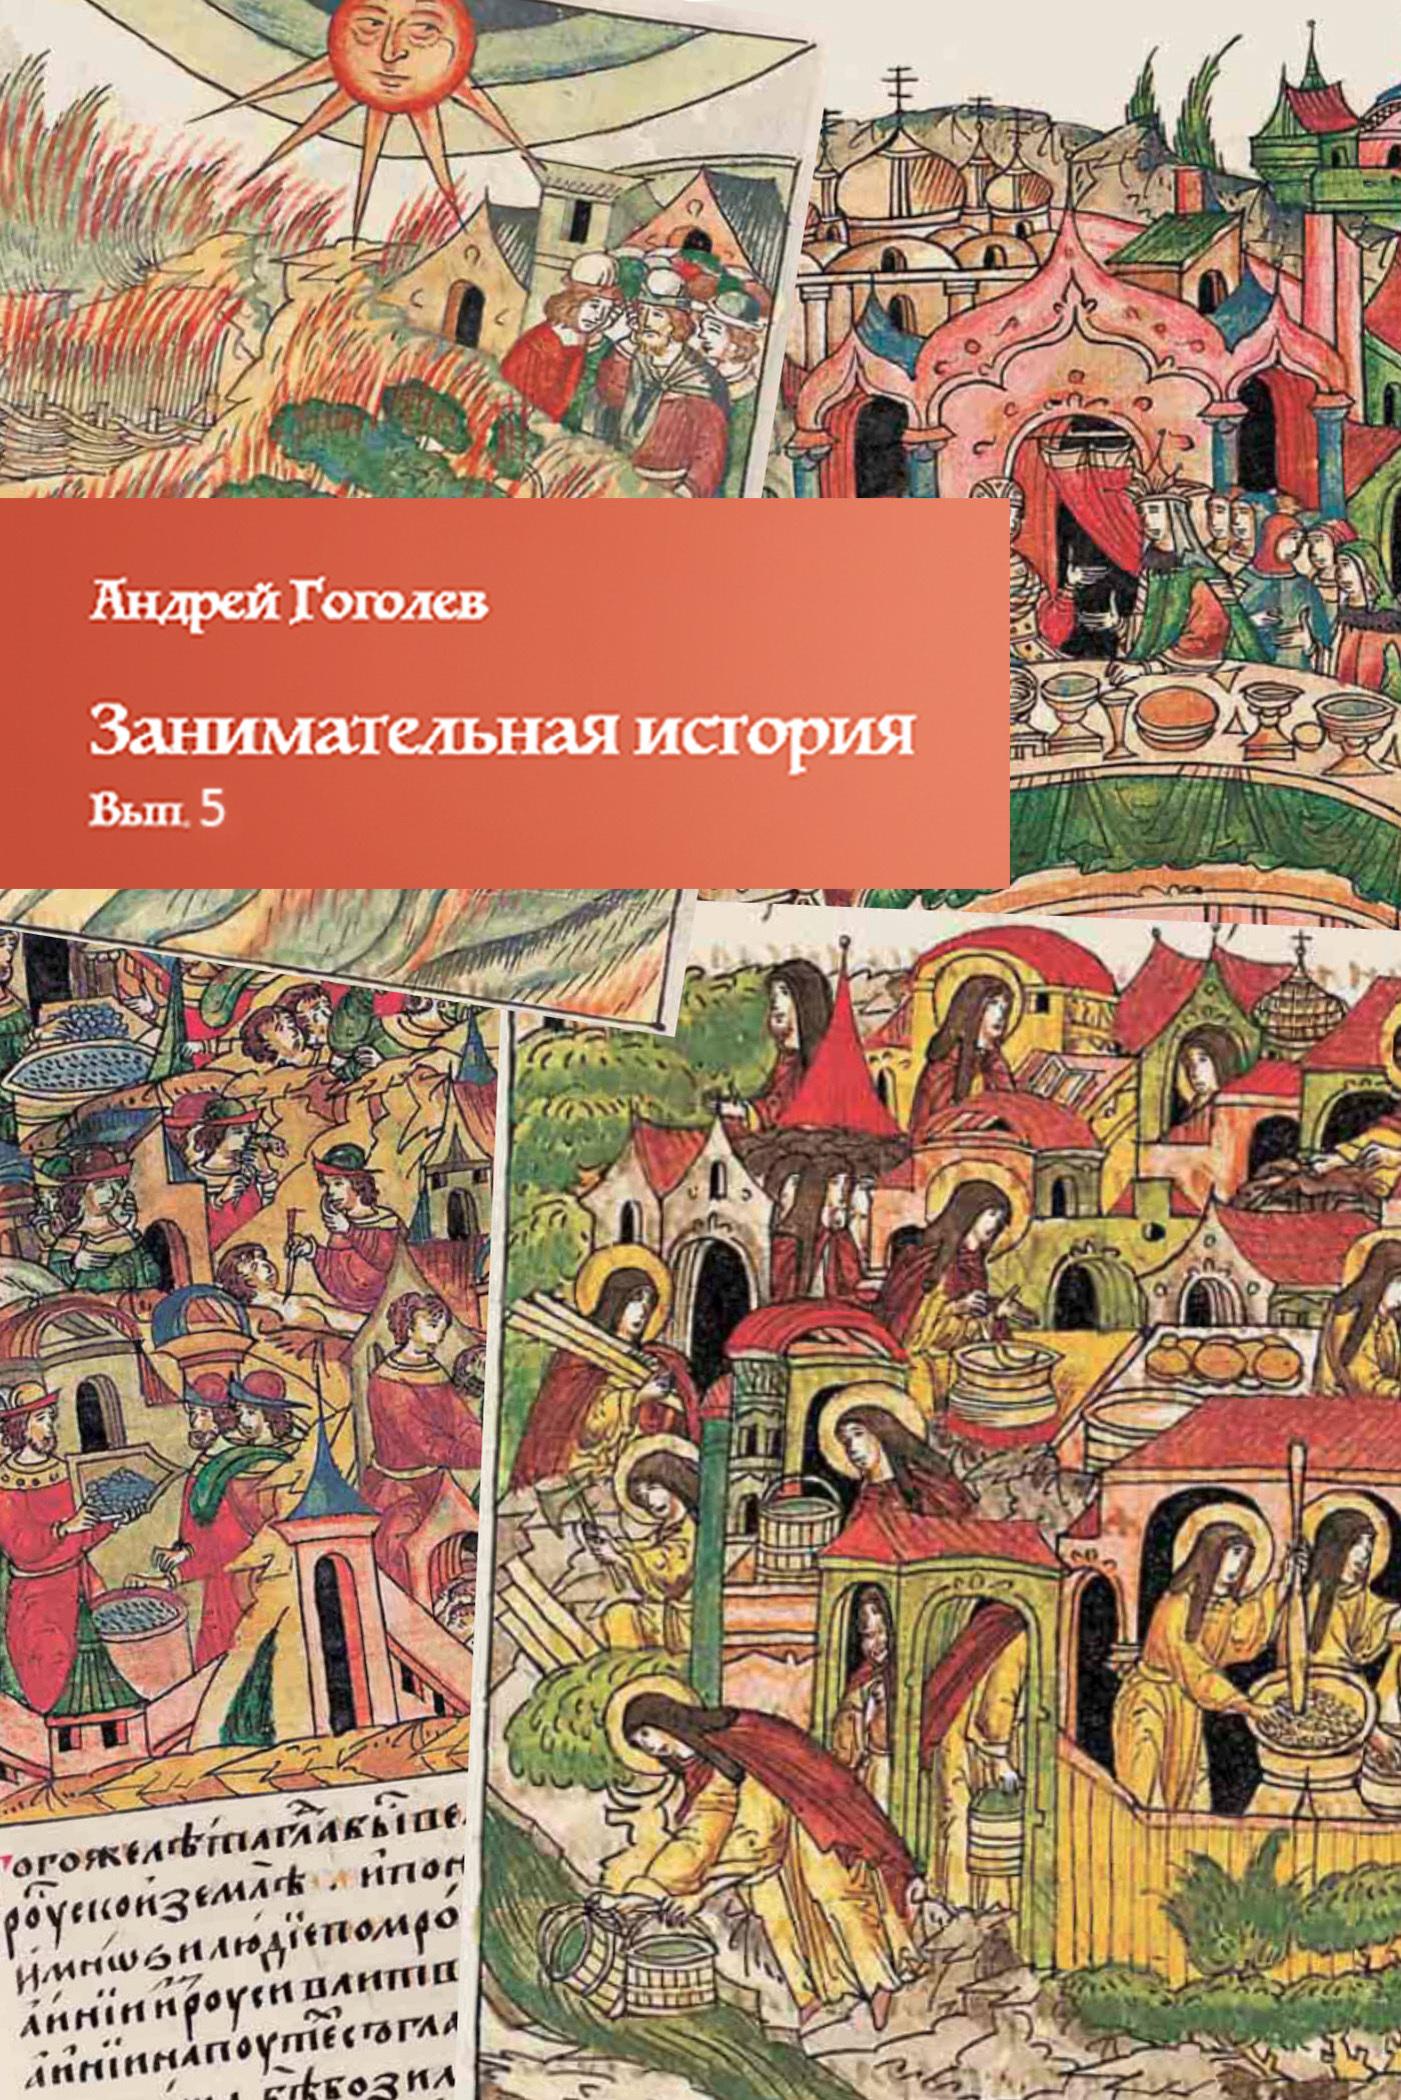 Андрей Гоголев - Занимательная история. Выпуск 5